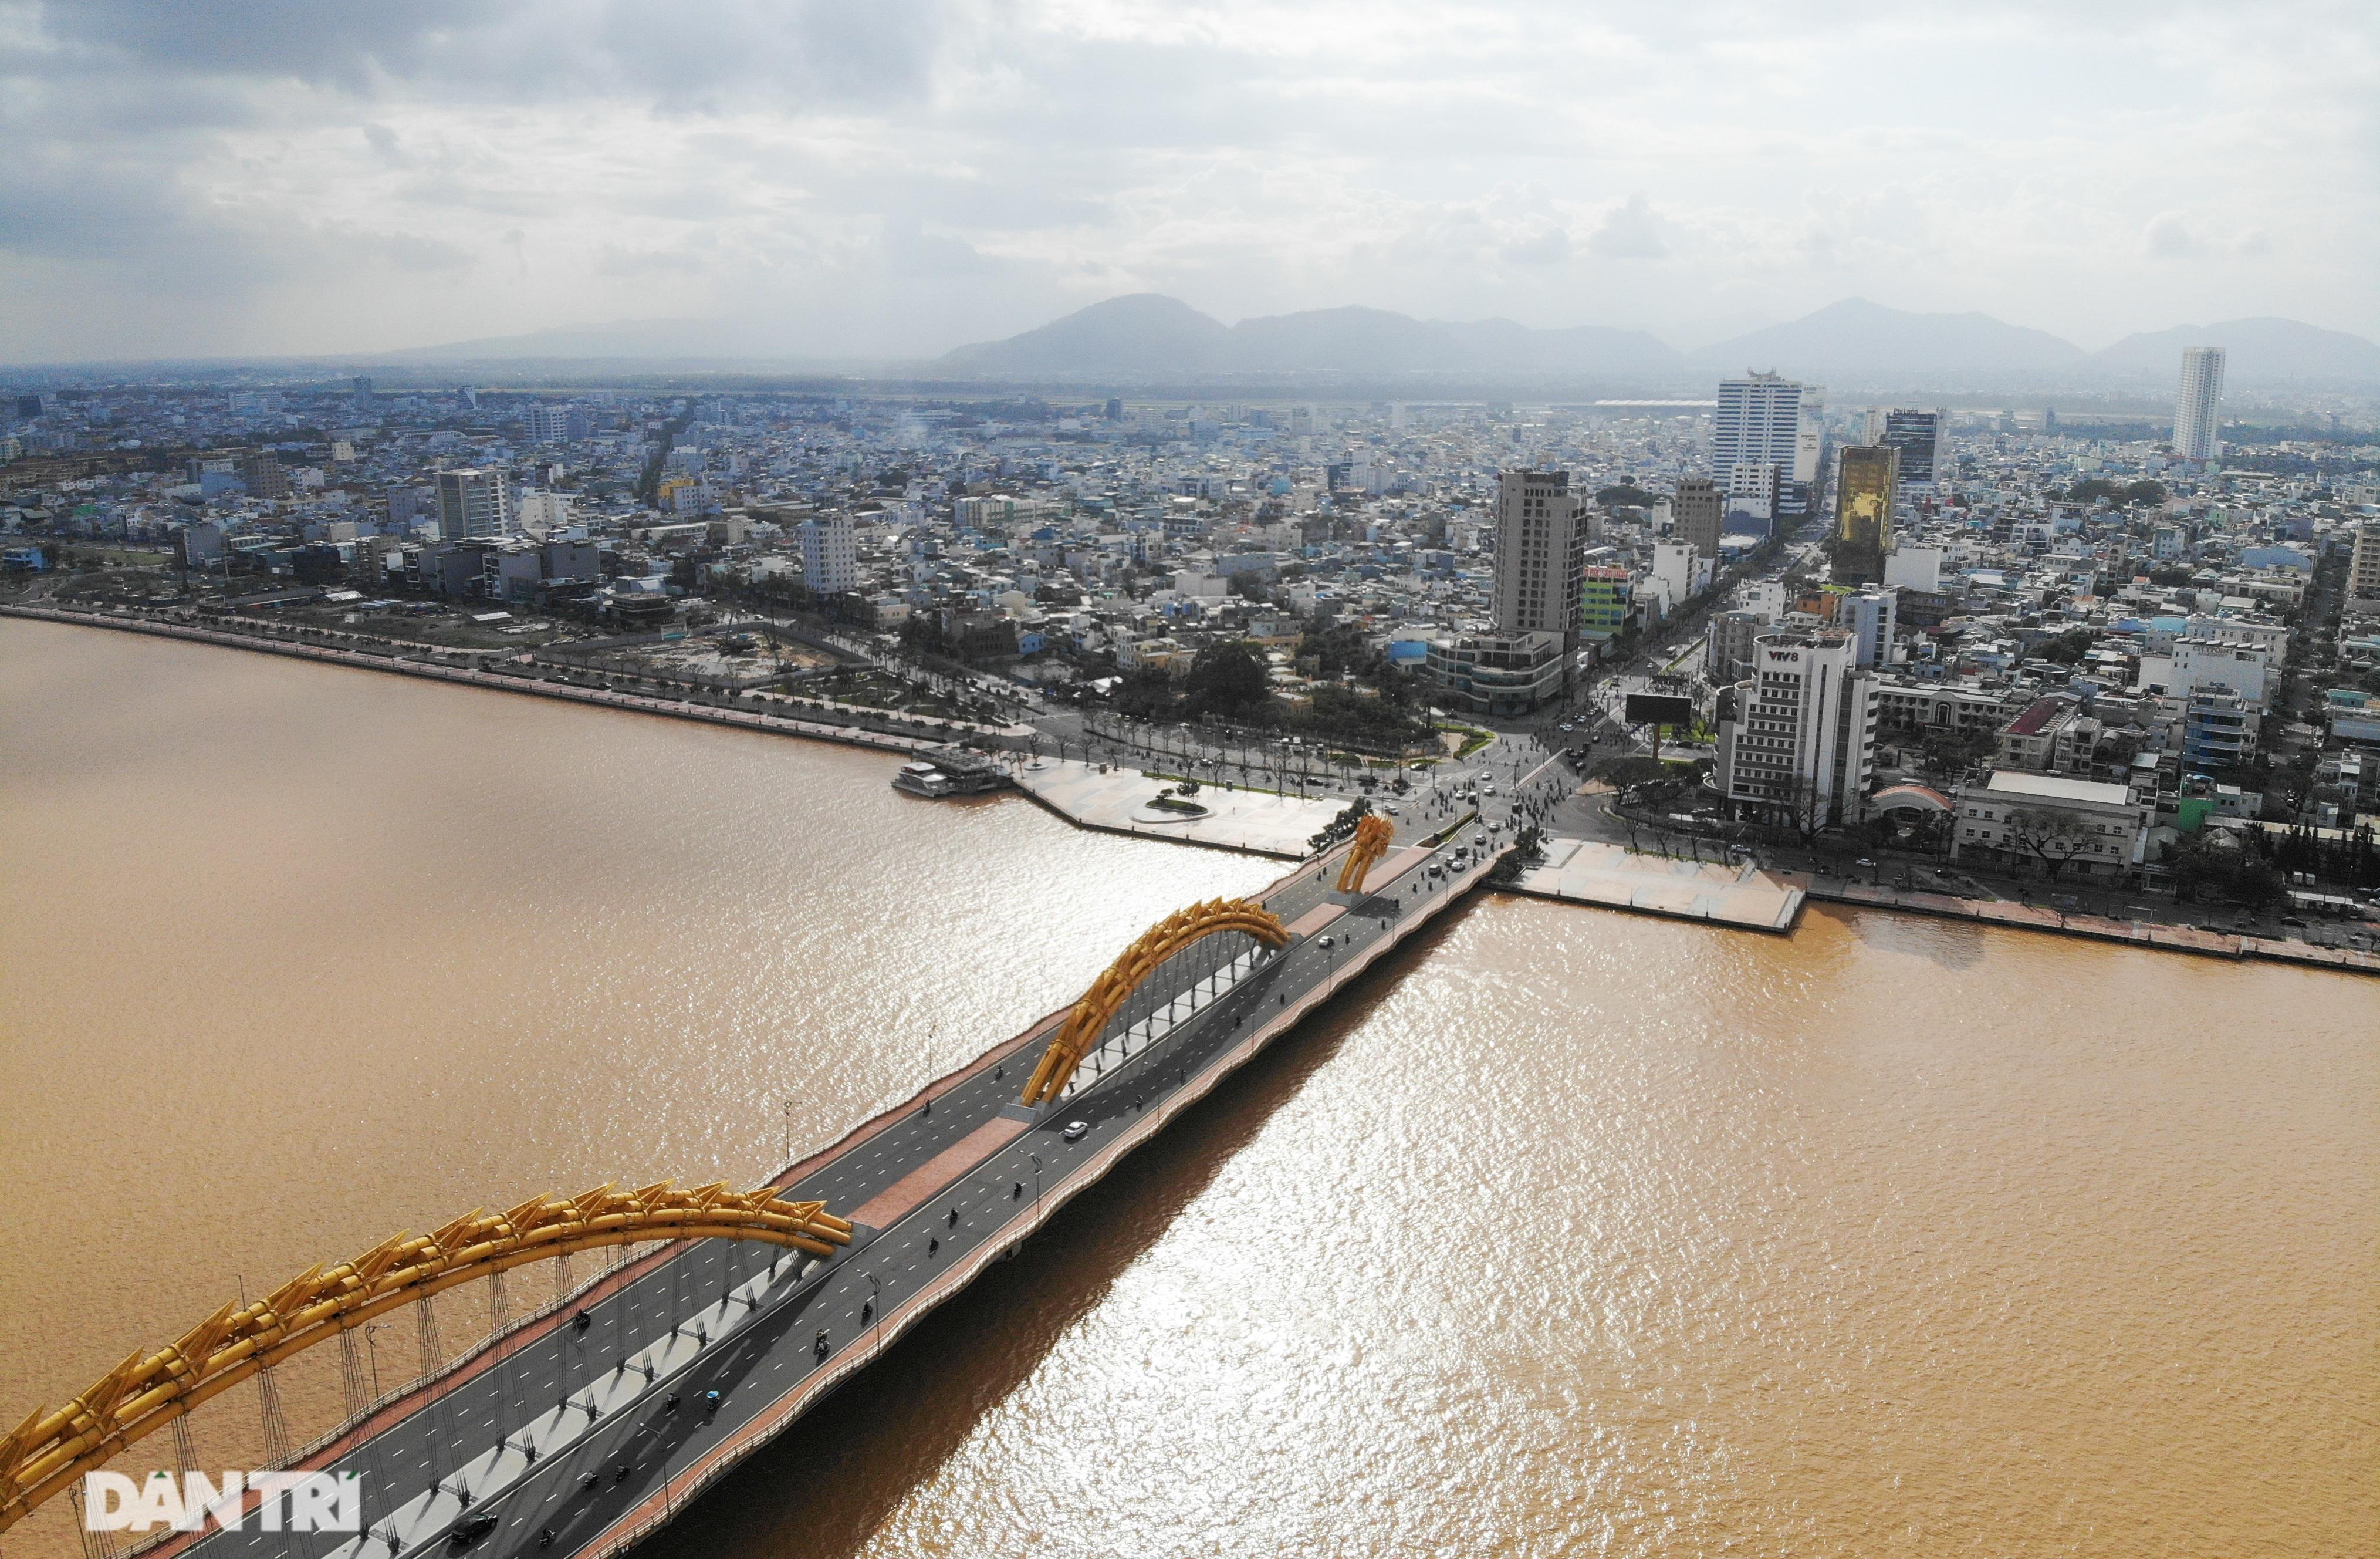 Chiêm ngưỡng 4 cây cầu ấn tượng nối đôi bờ sông Hàn ở Đà Nẵng - 1